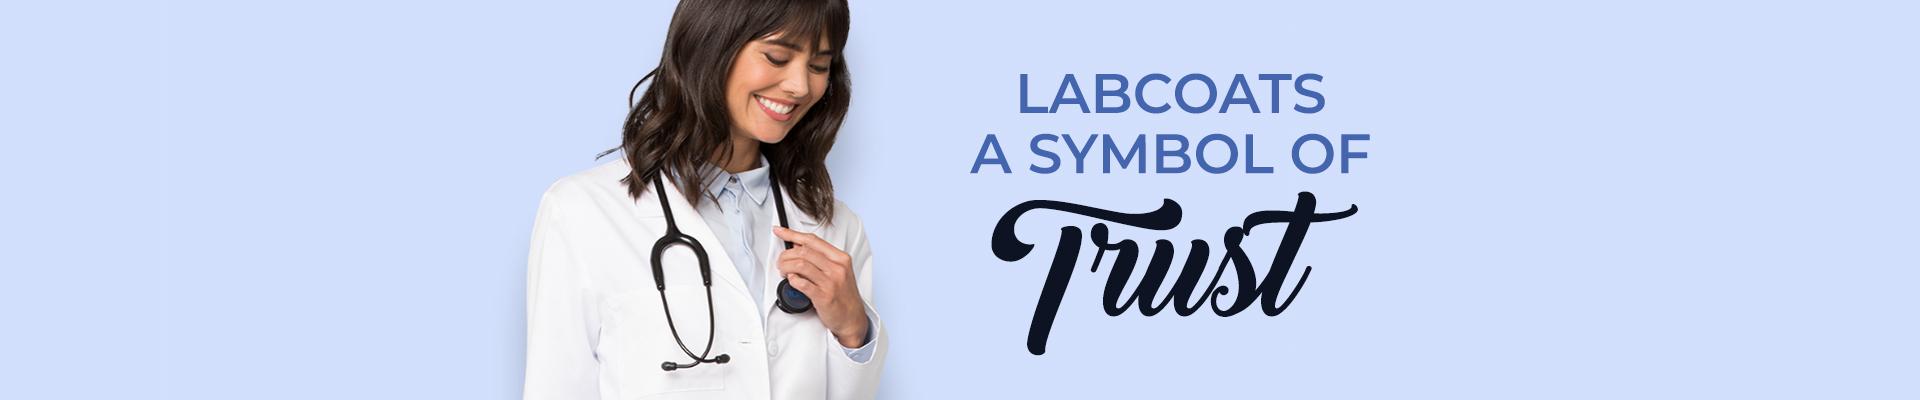 Lab Coats - A Symbol of Trust for Professionals